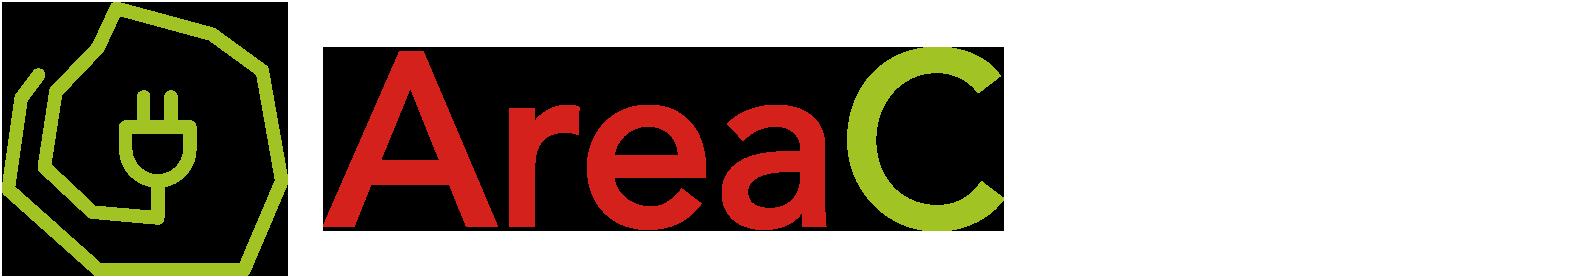 areac